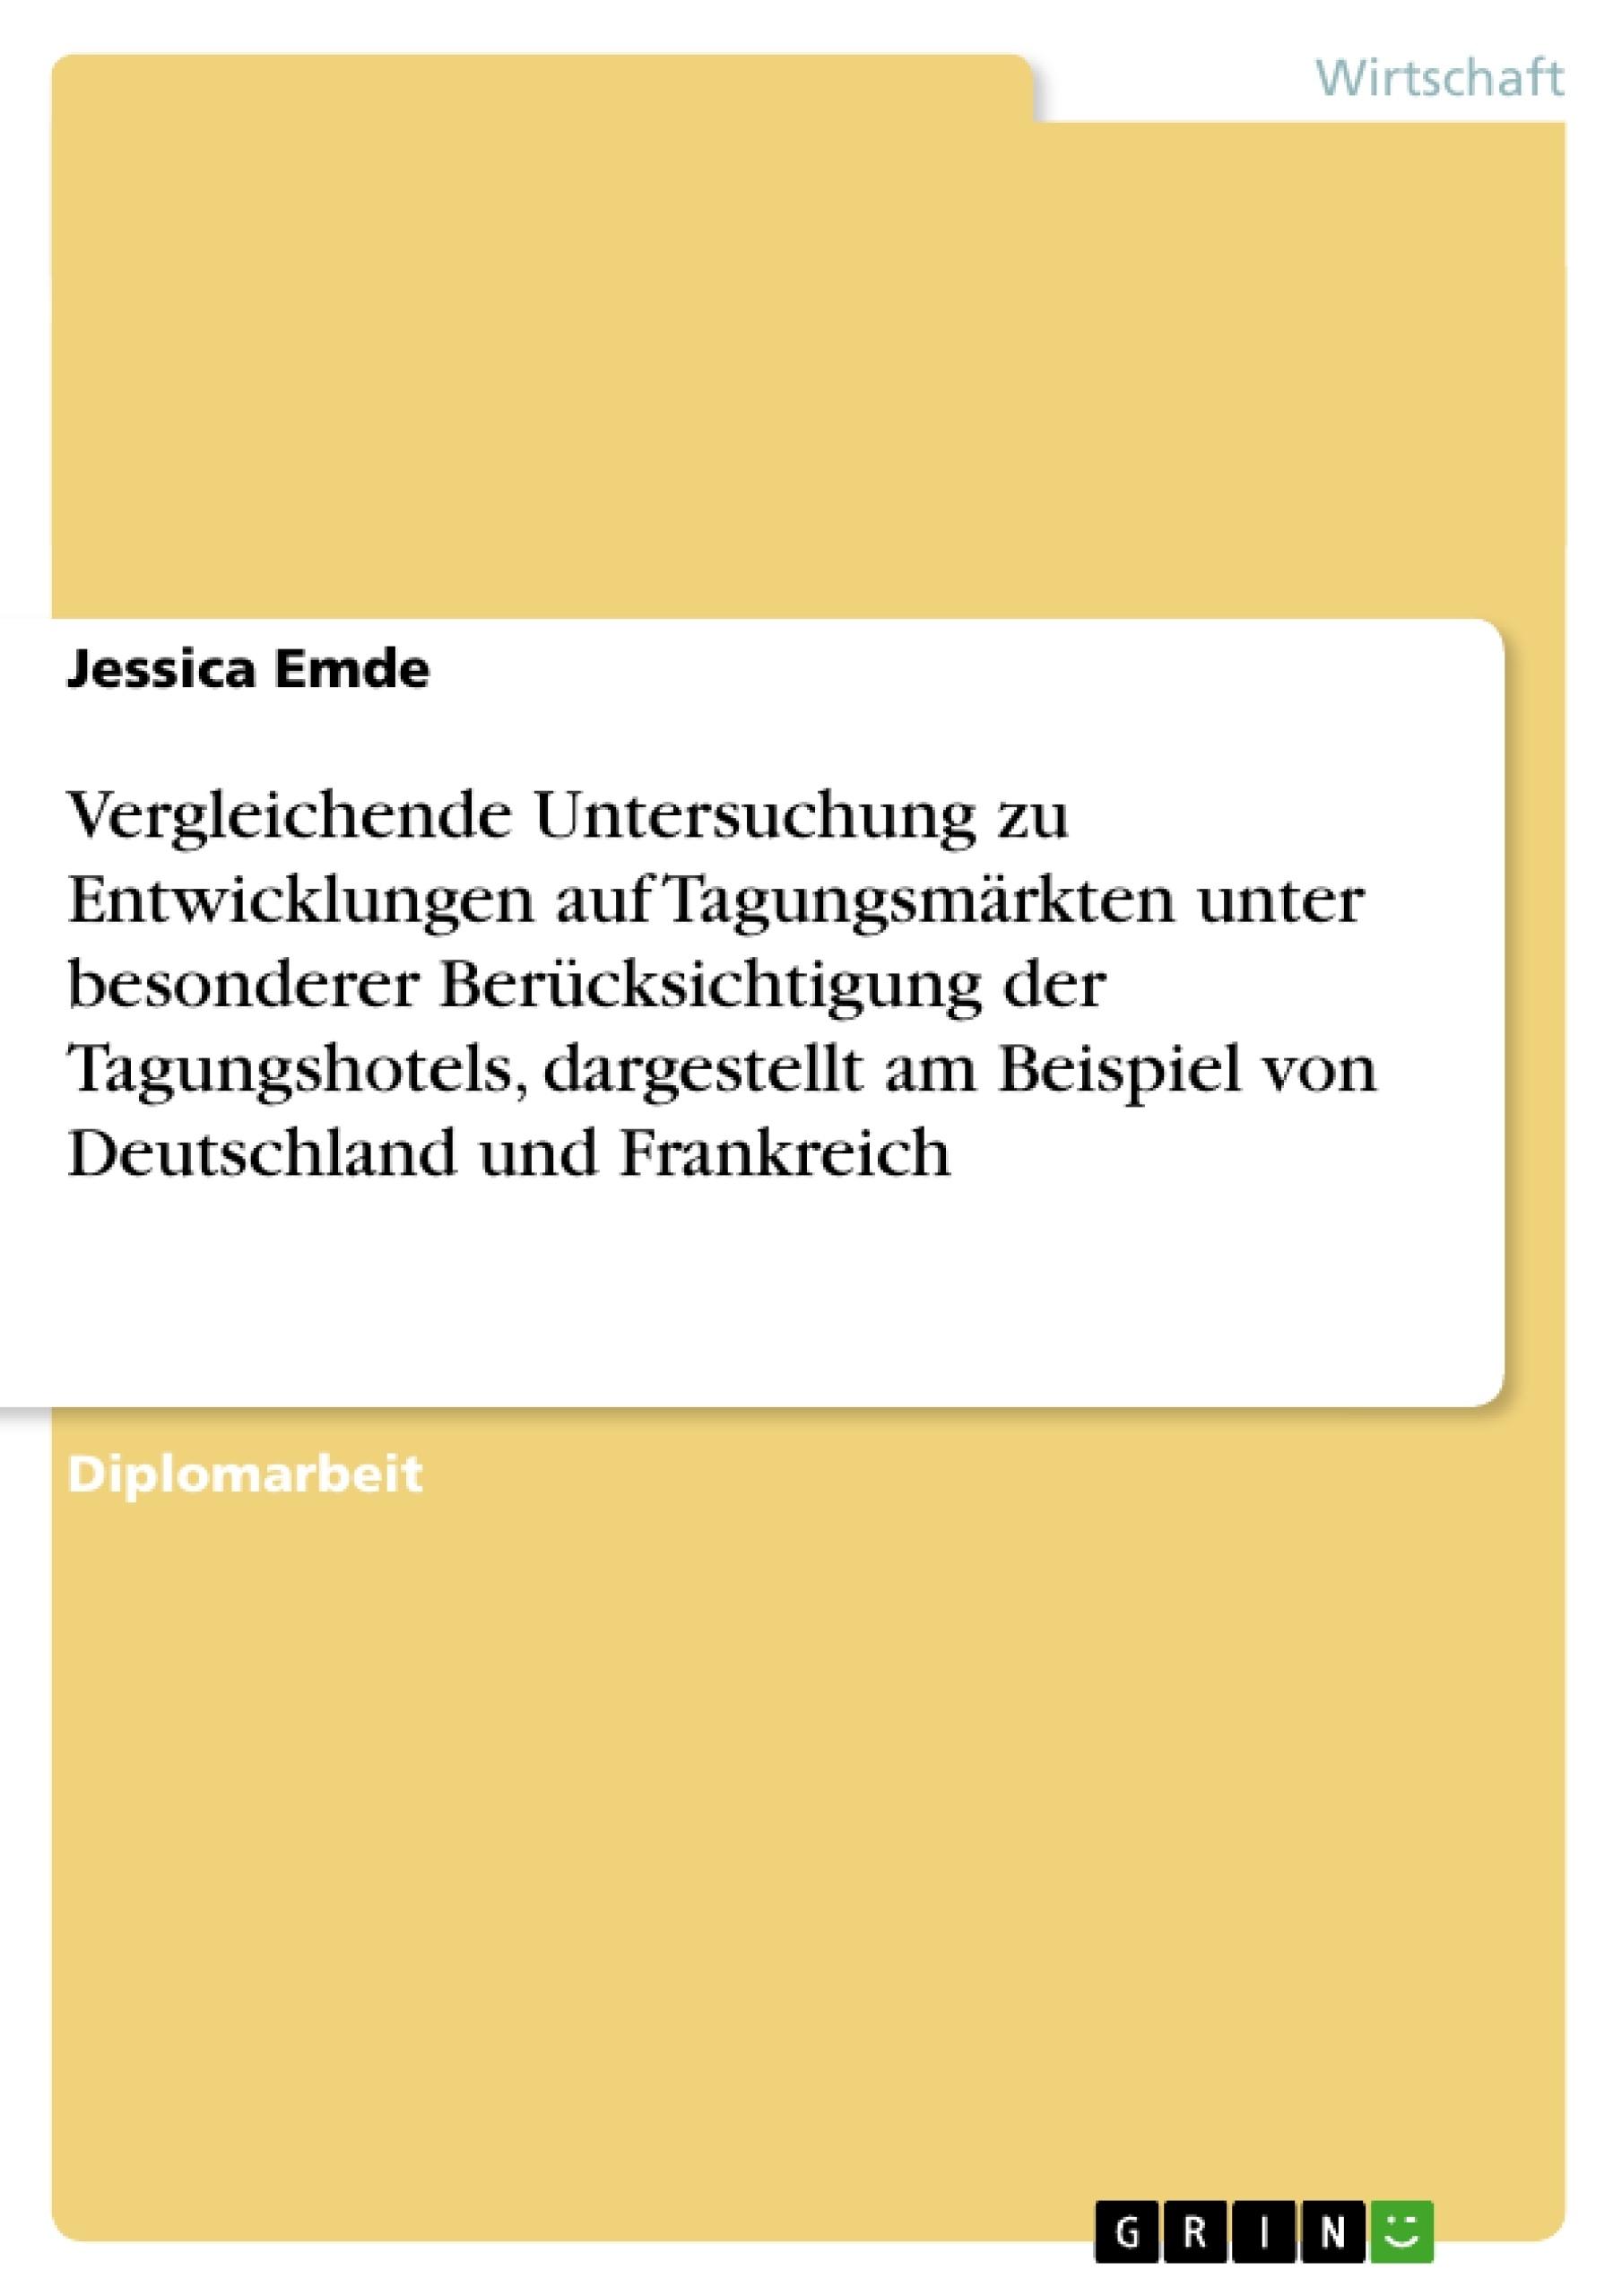 Titel: Vergleichende Untersuchung zu Entwicklungen auf Tagungsmärkten unter besonderer Berücksichtigung der Tagungshotels, dargestellt am Beispiel von Deutschland und Frankreich